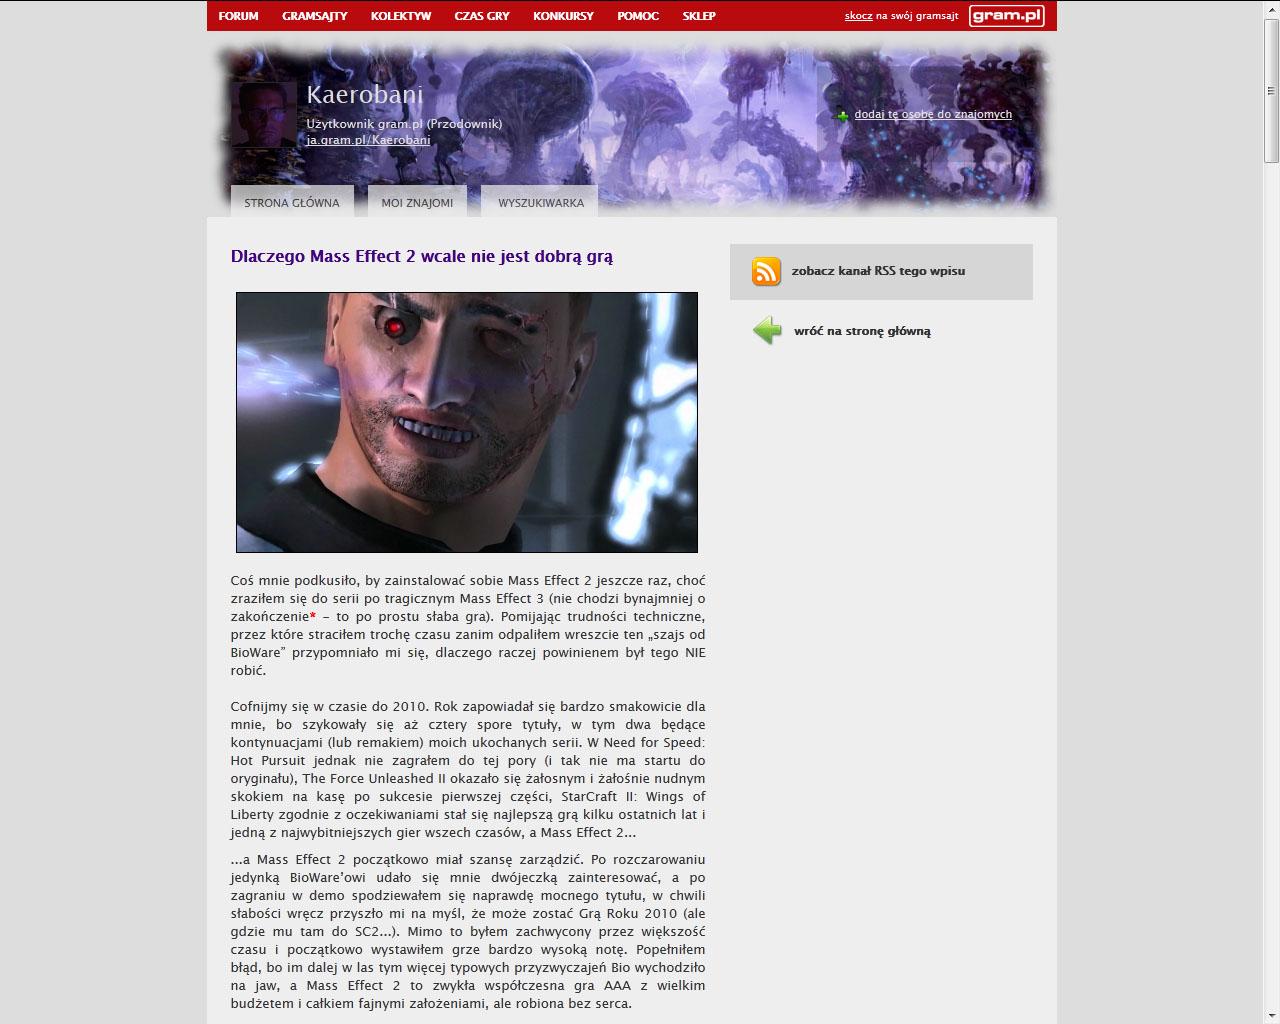 Co w gramsajtach piszczy #123 - O Mass Effect 2, The Order: 1886 i DLC... - obrazek 2